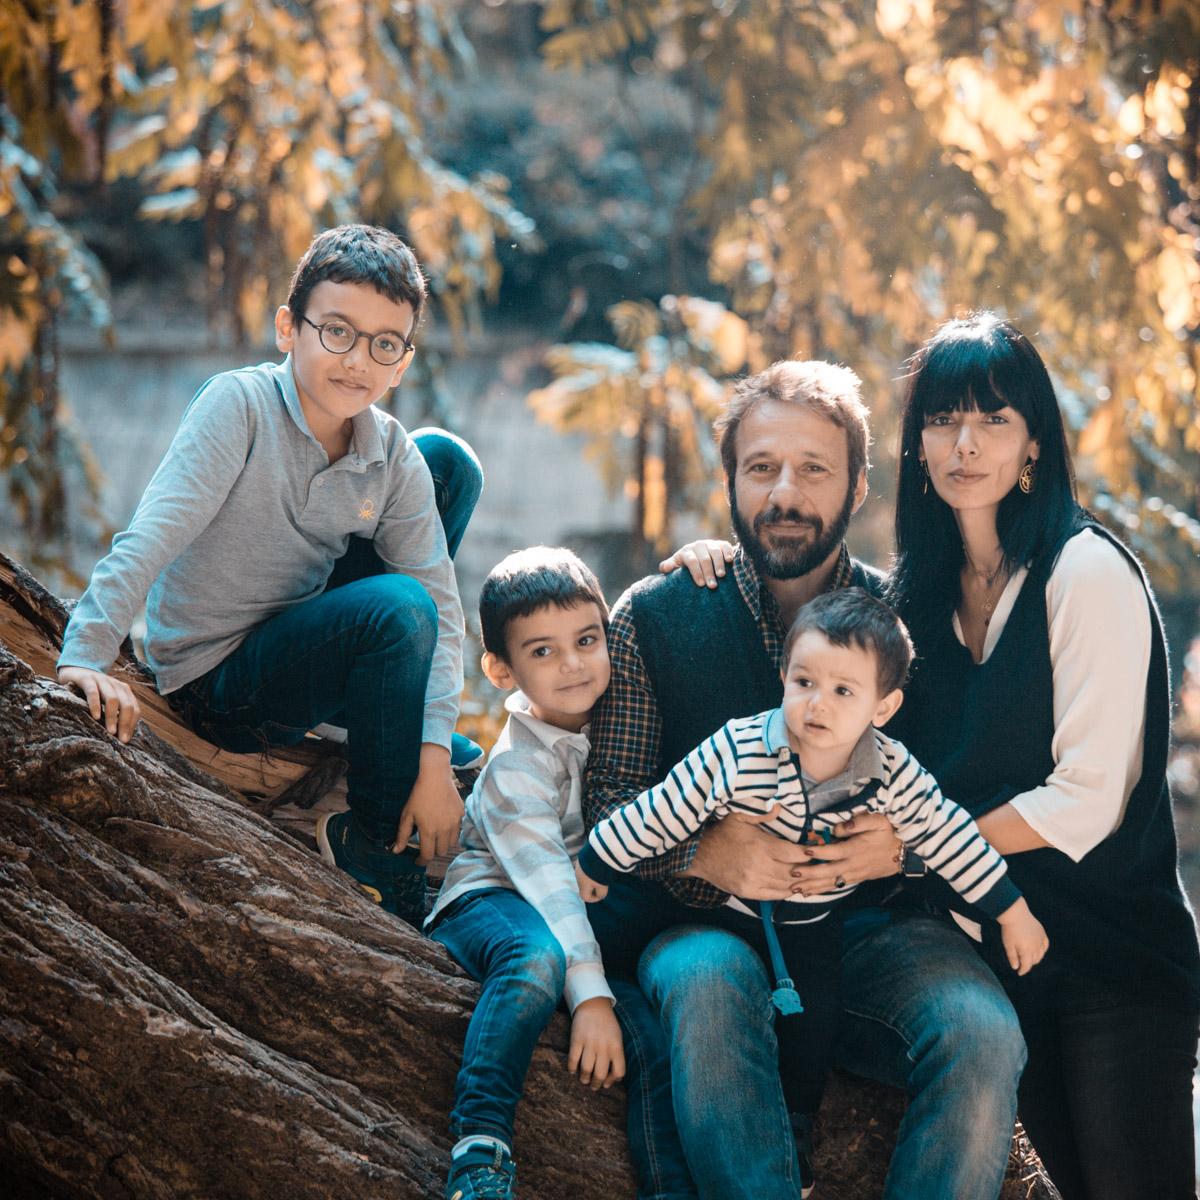 fotografia di famiglia a torino